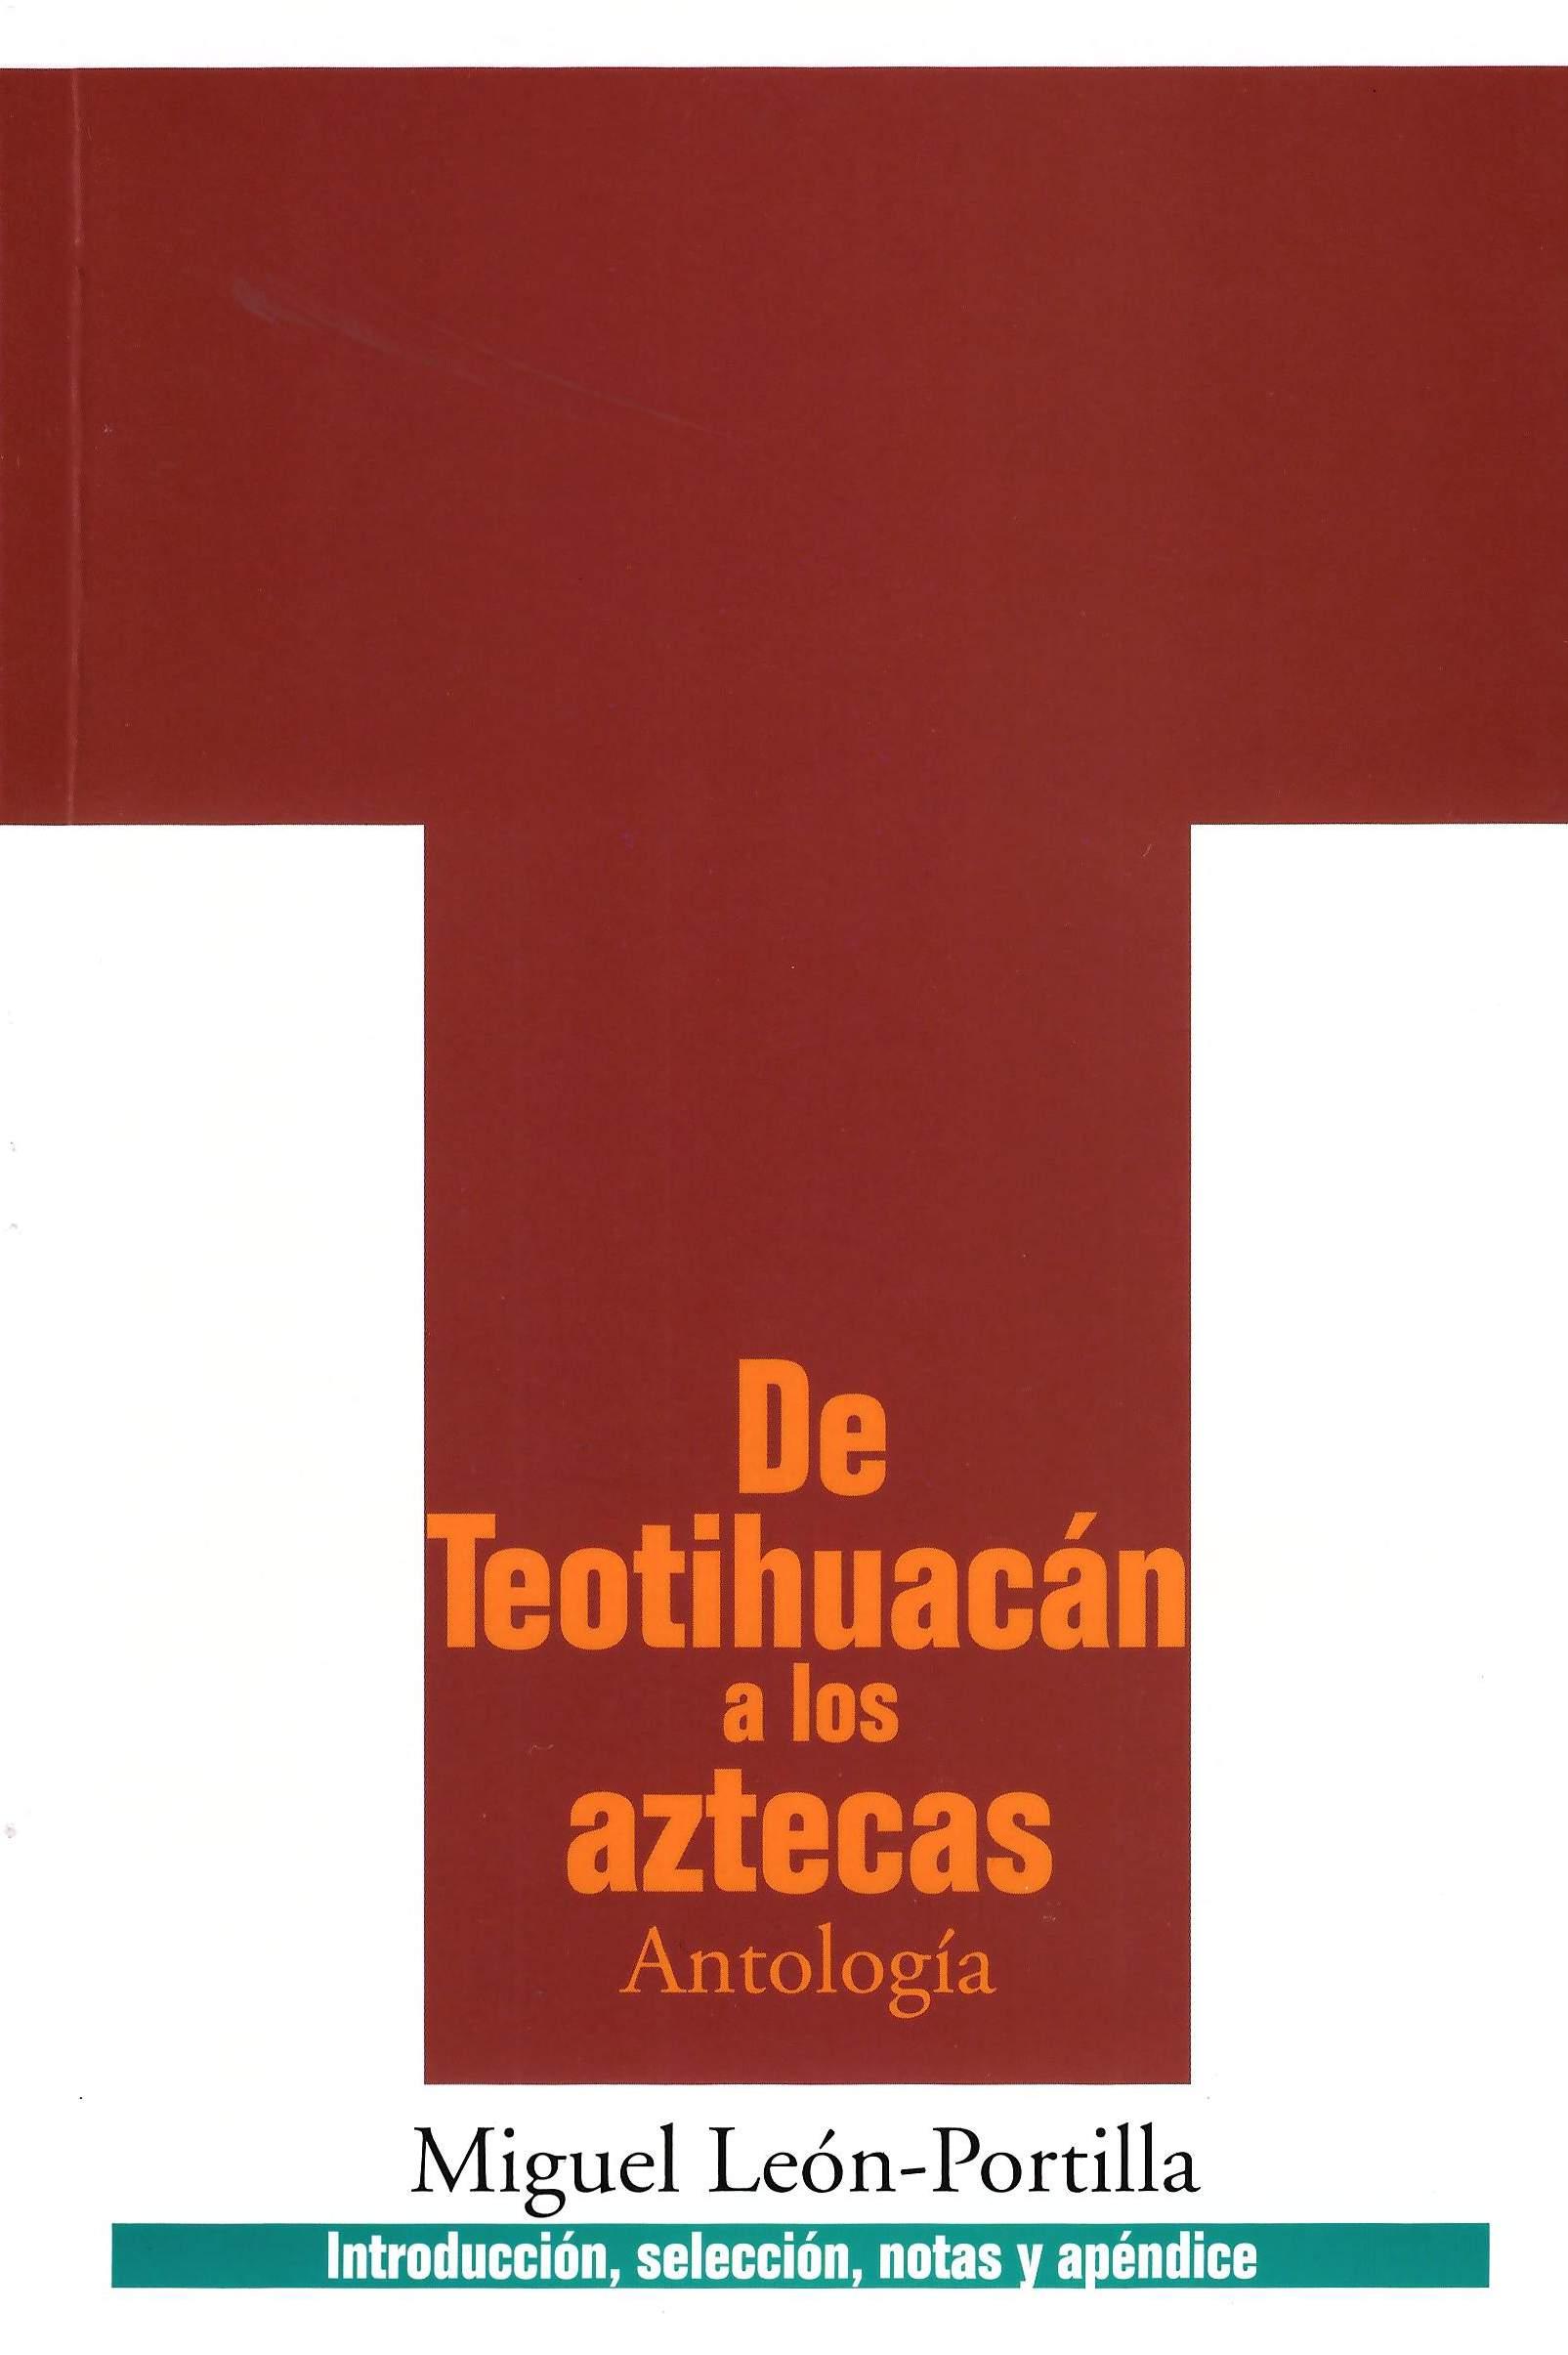 De Teotihuacán a los aztecas. Antología de fuentes e interpretaciones históricas